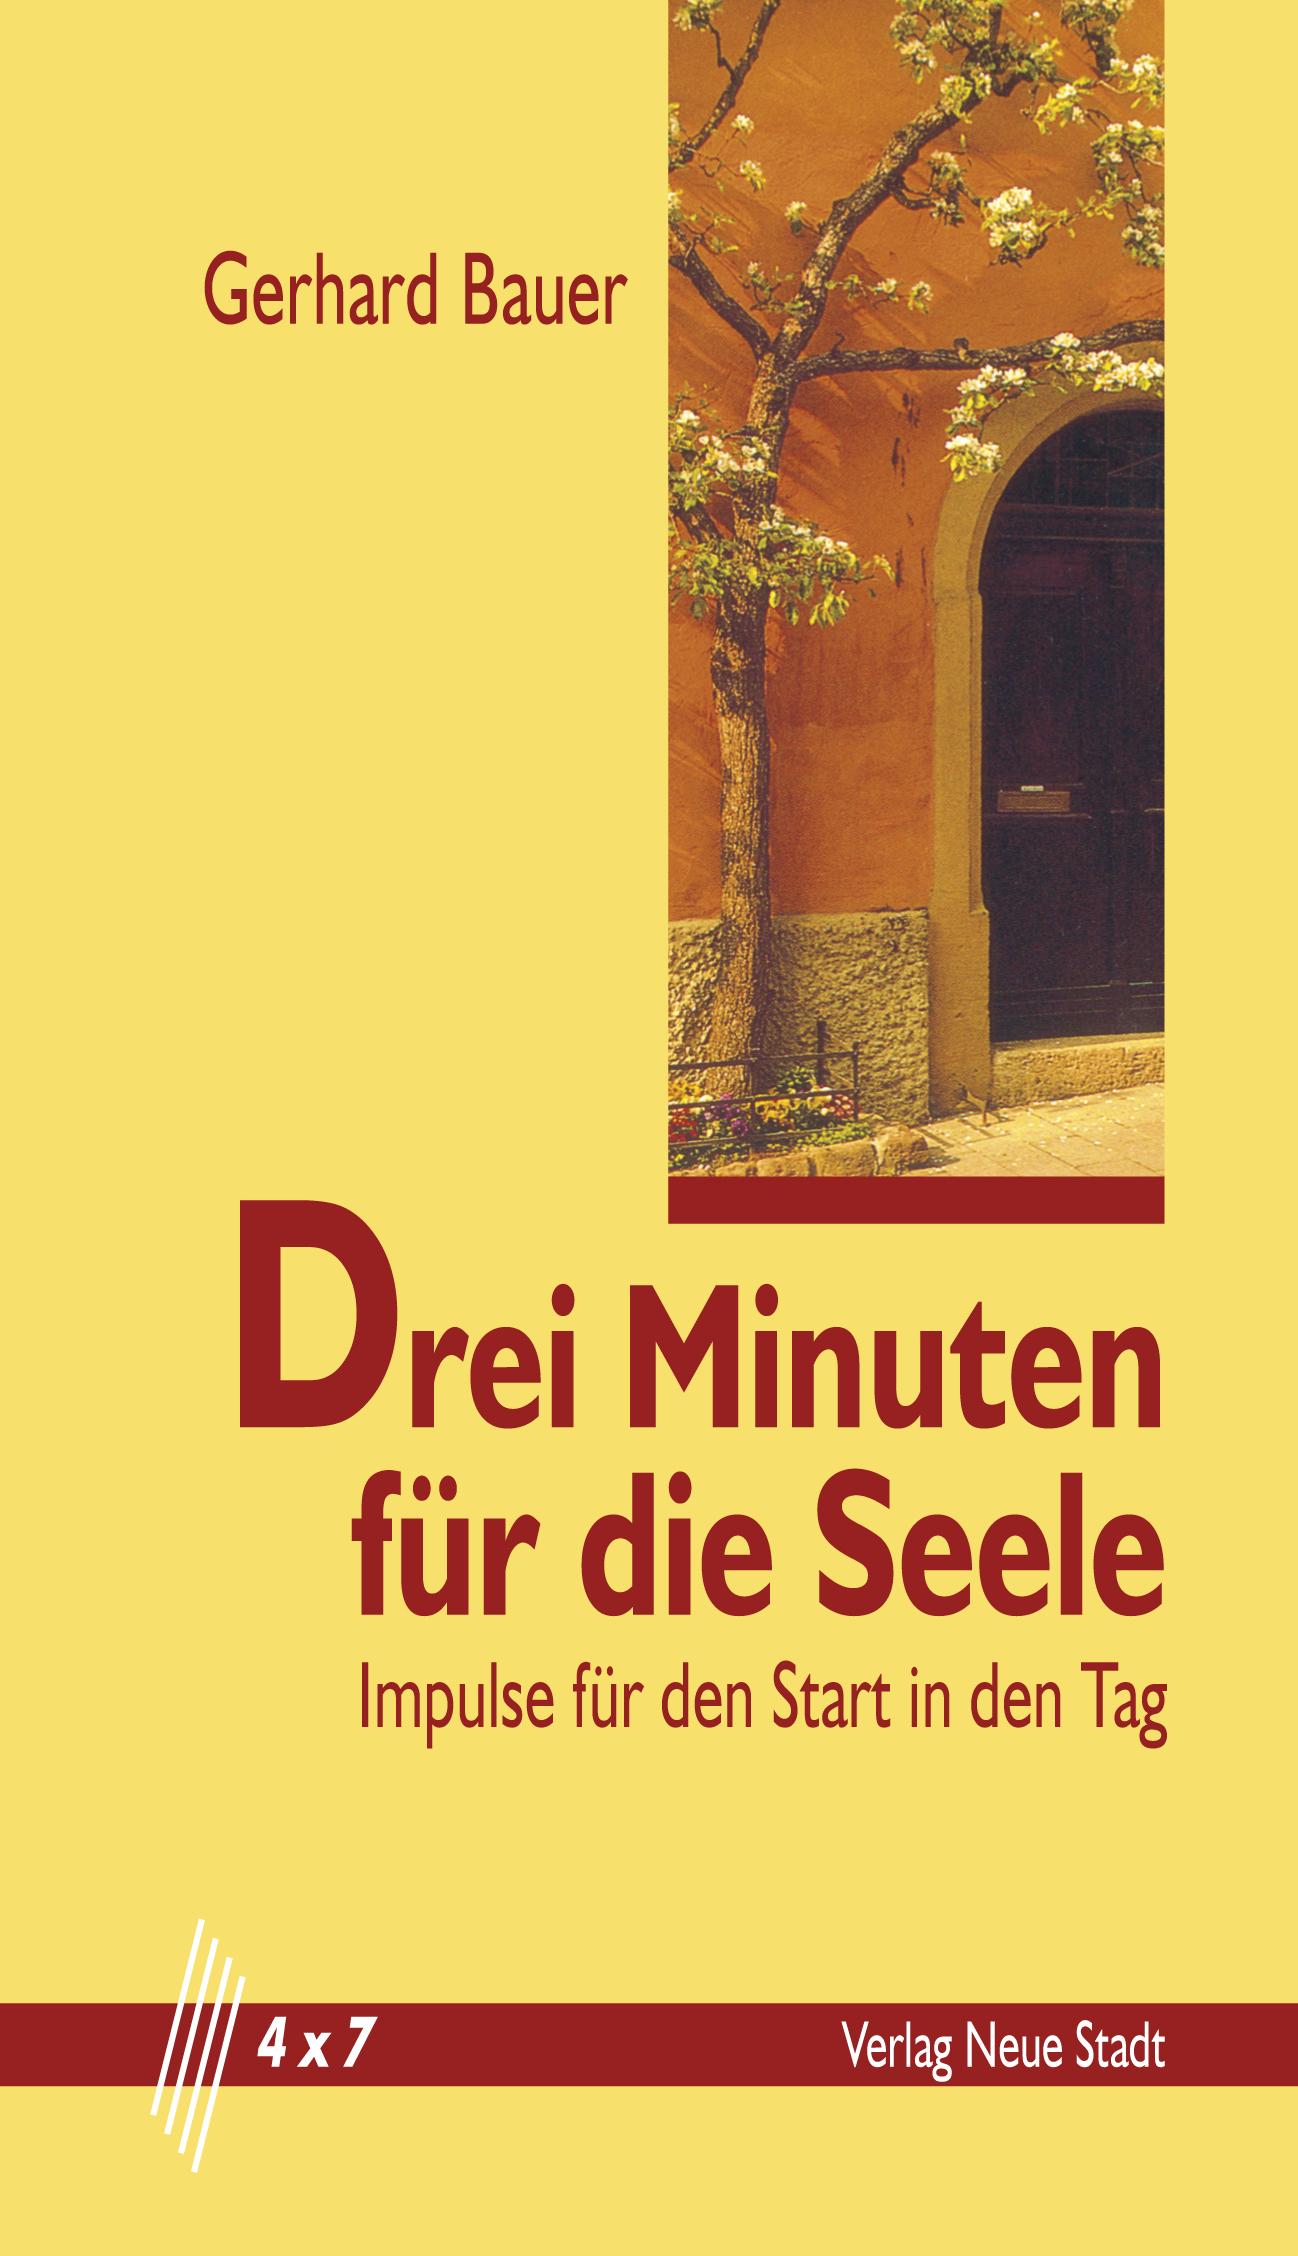 Gerhard Bauer Drei Minuten für die Seele